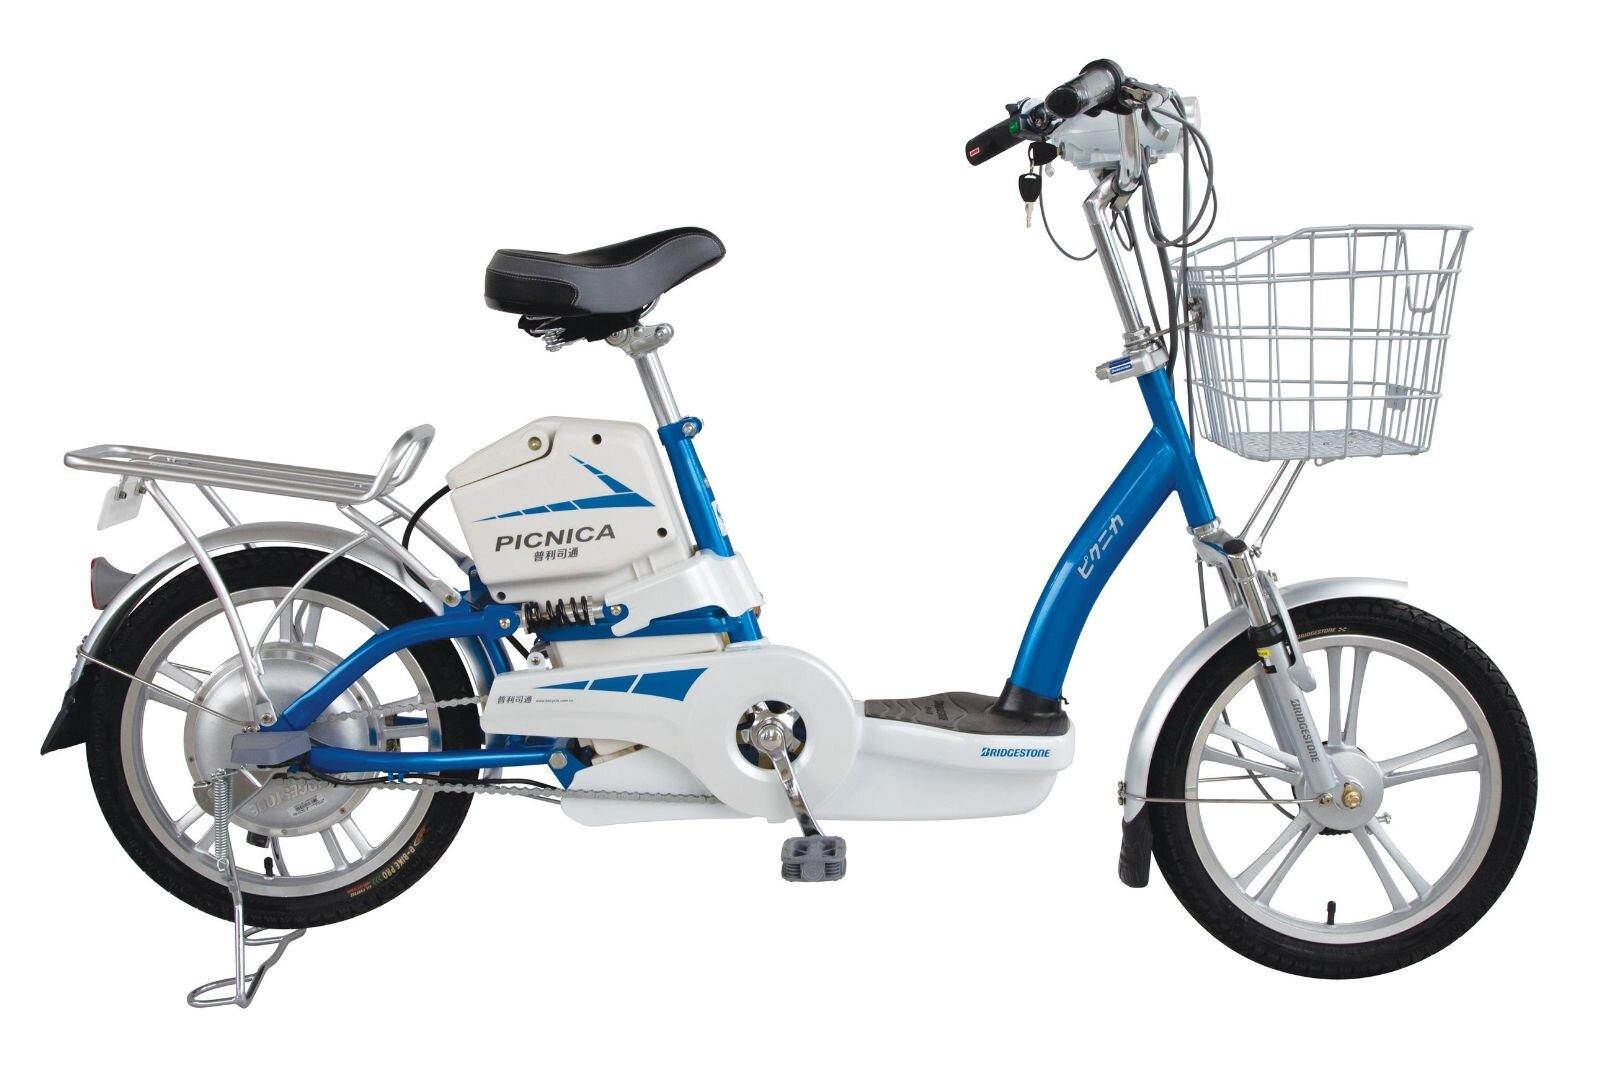 Bảng giá xe đạp điện Bridgestone mới nhất cập nhật thị trường tháng 3/2016